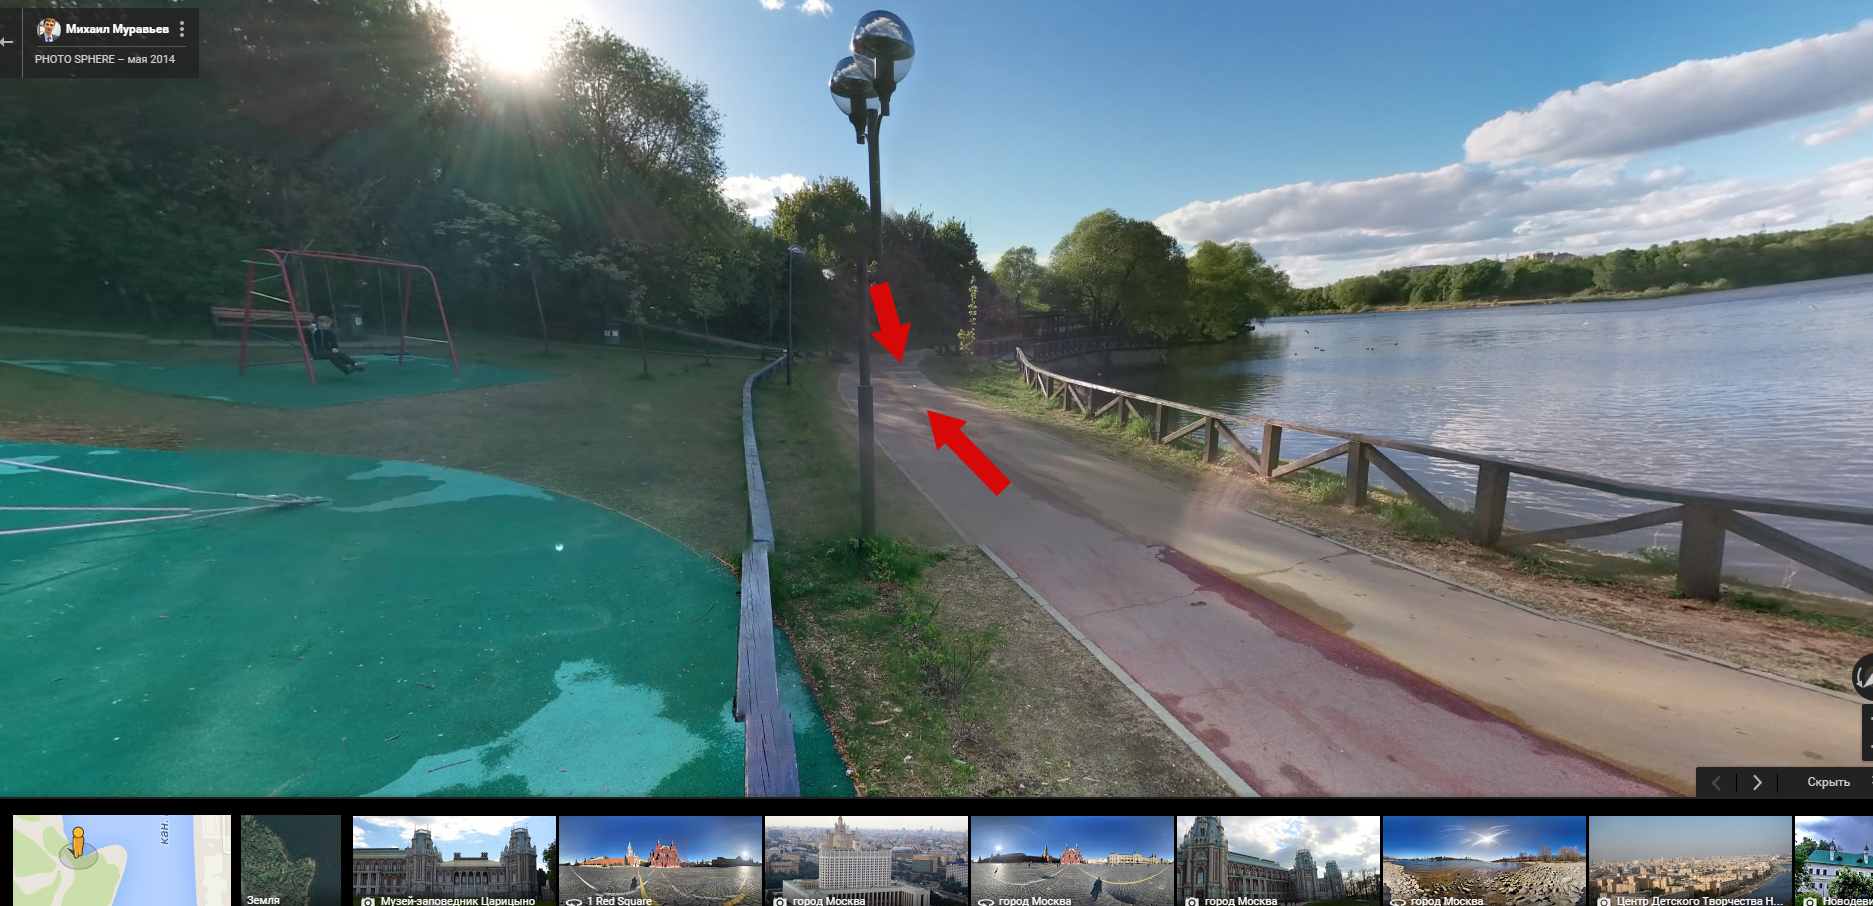 Как в гугл земля сделать просмотр улиц